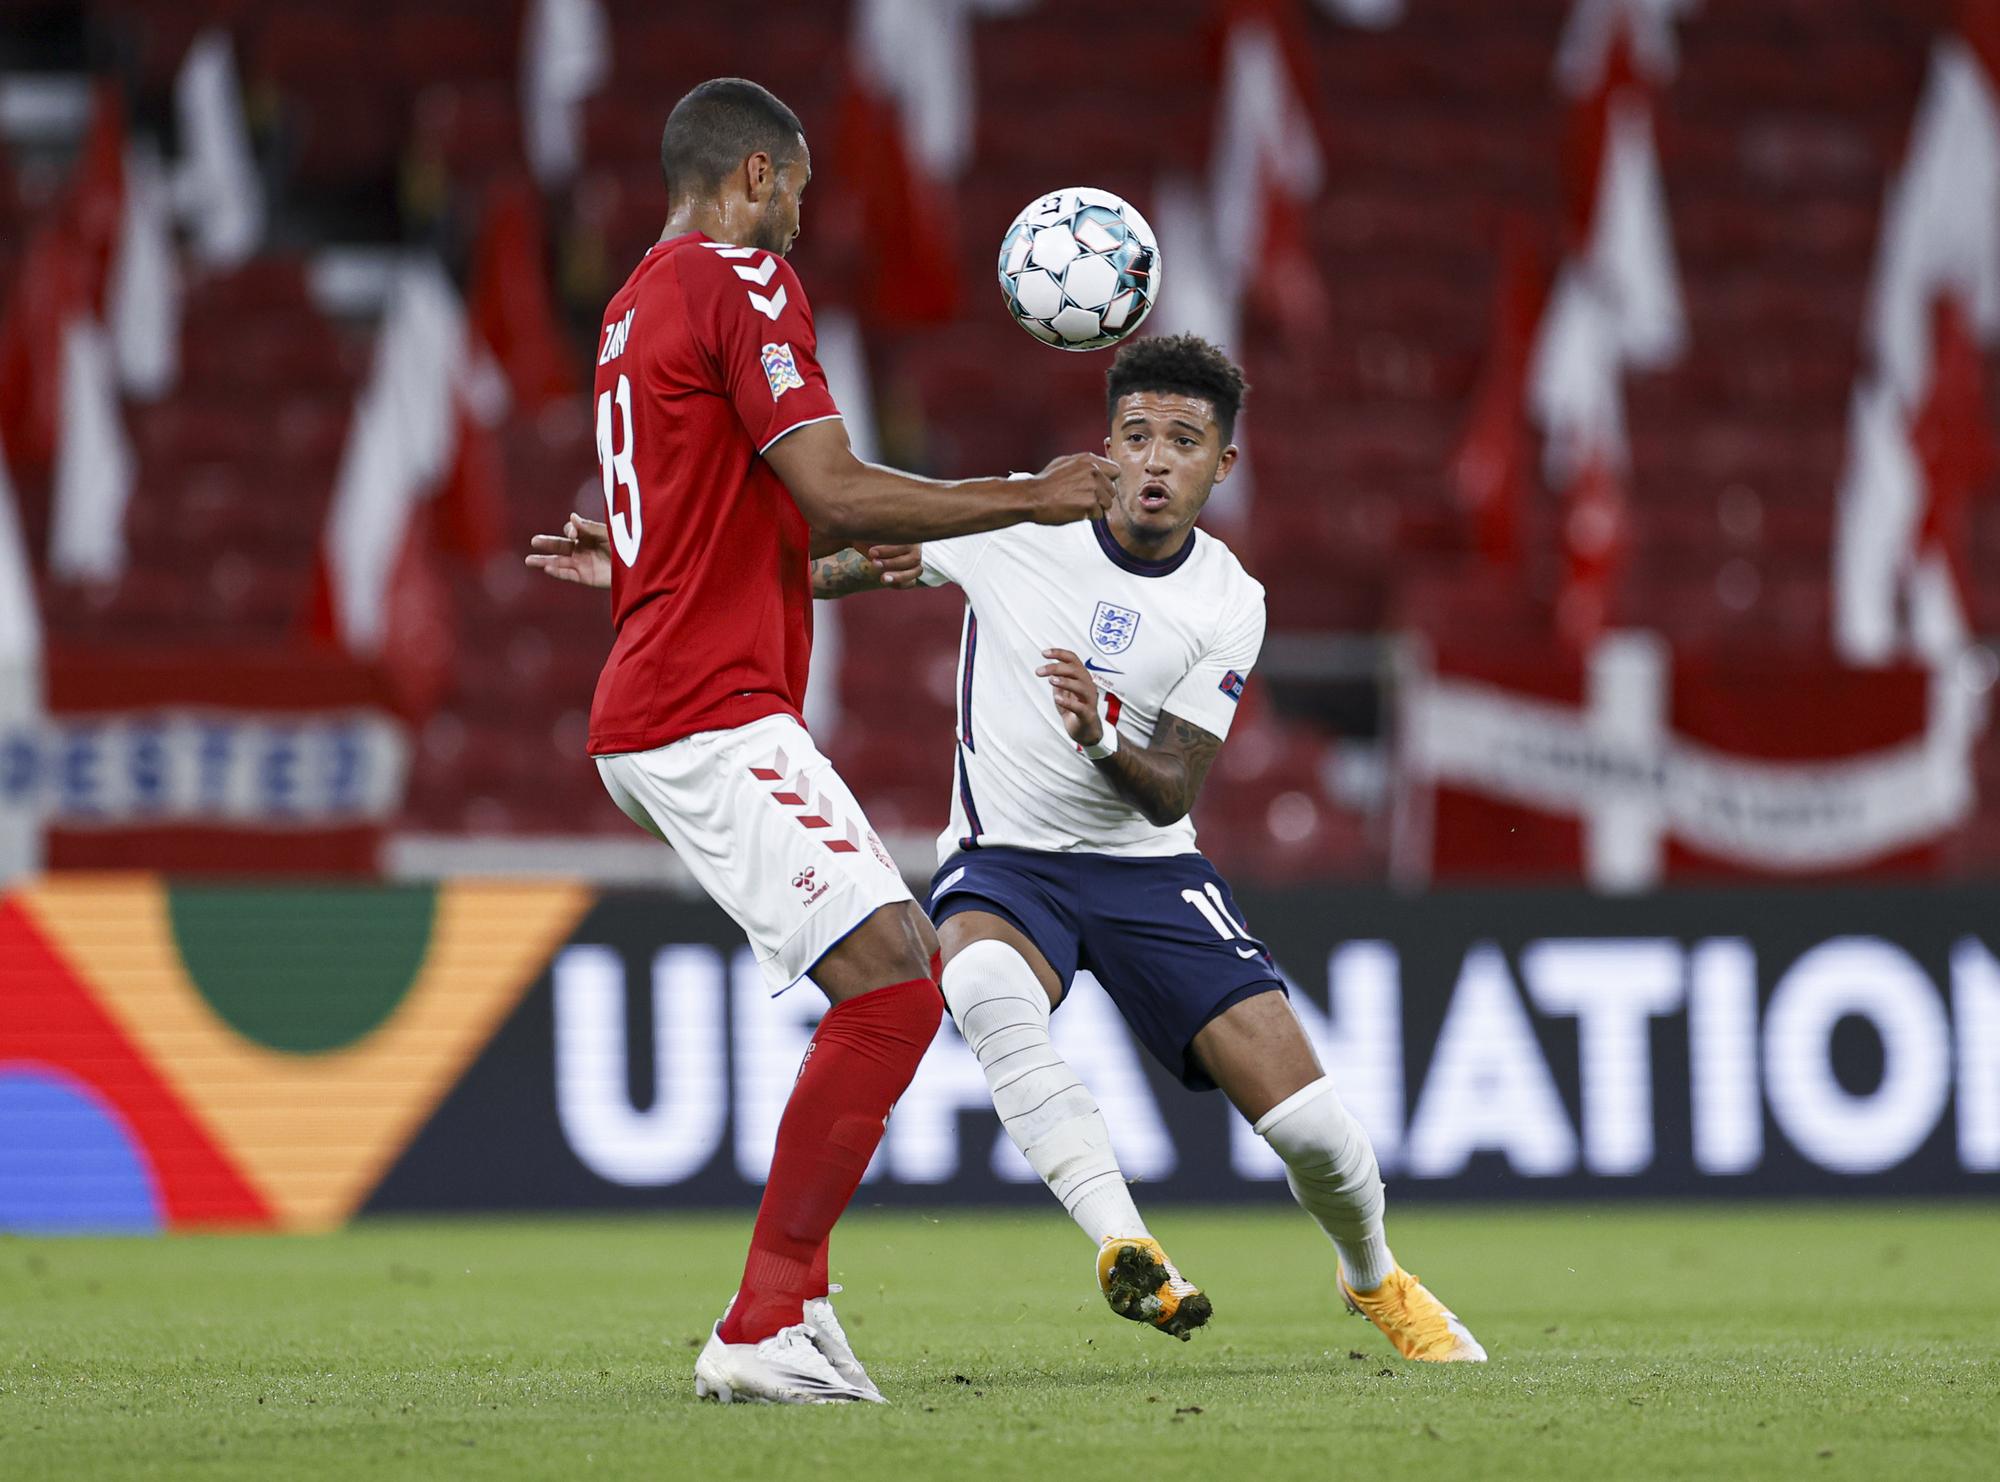 سانشو فى محاولة مع أحد لاعبي الدنمارك